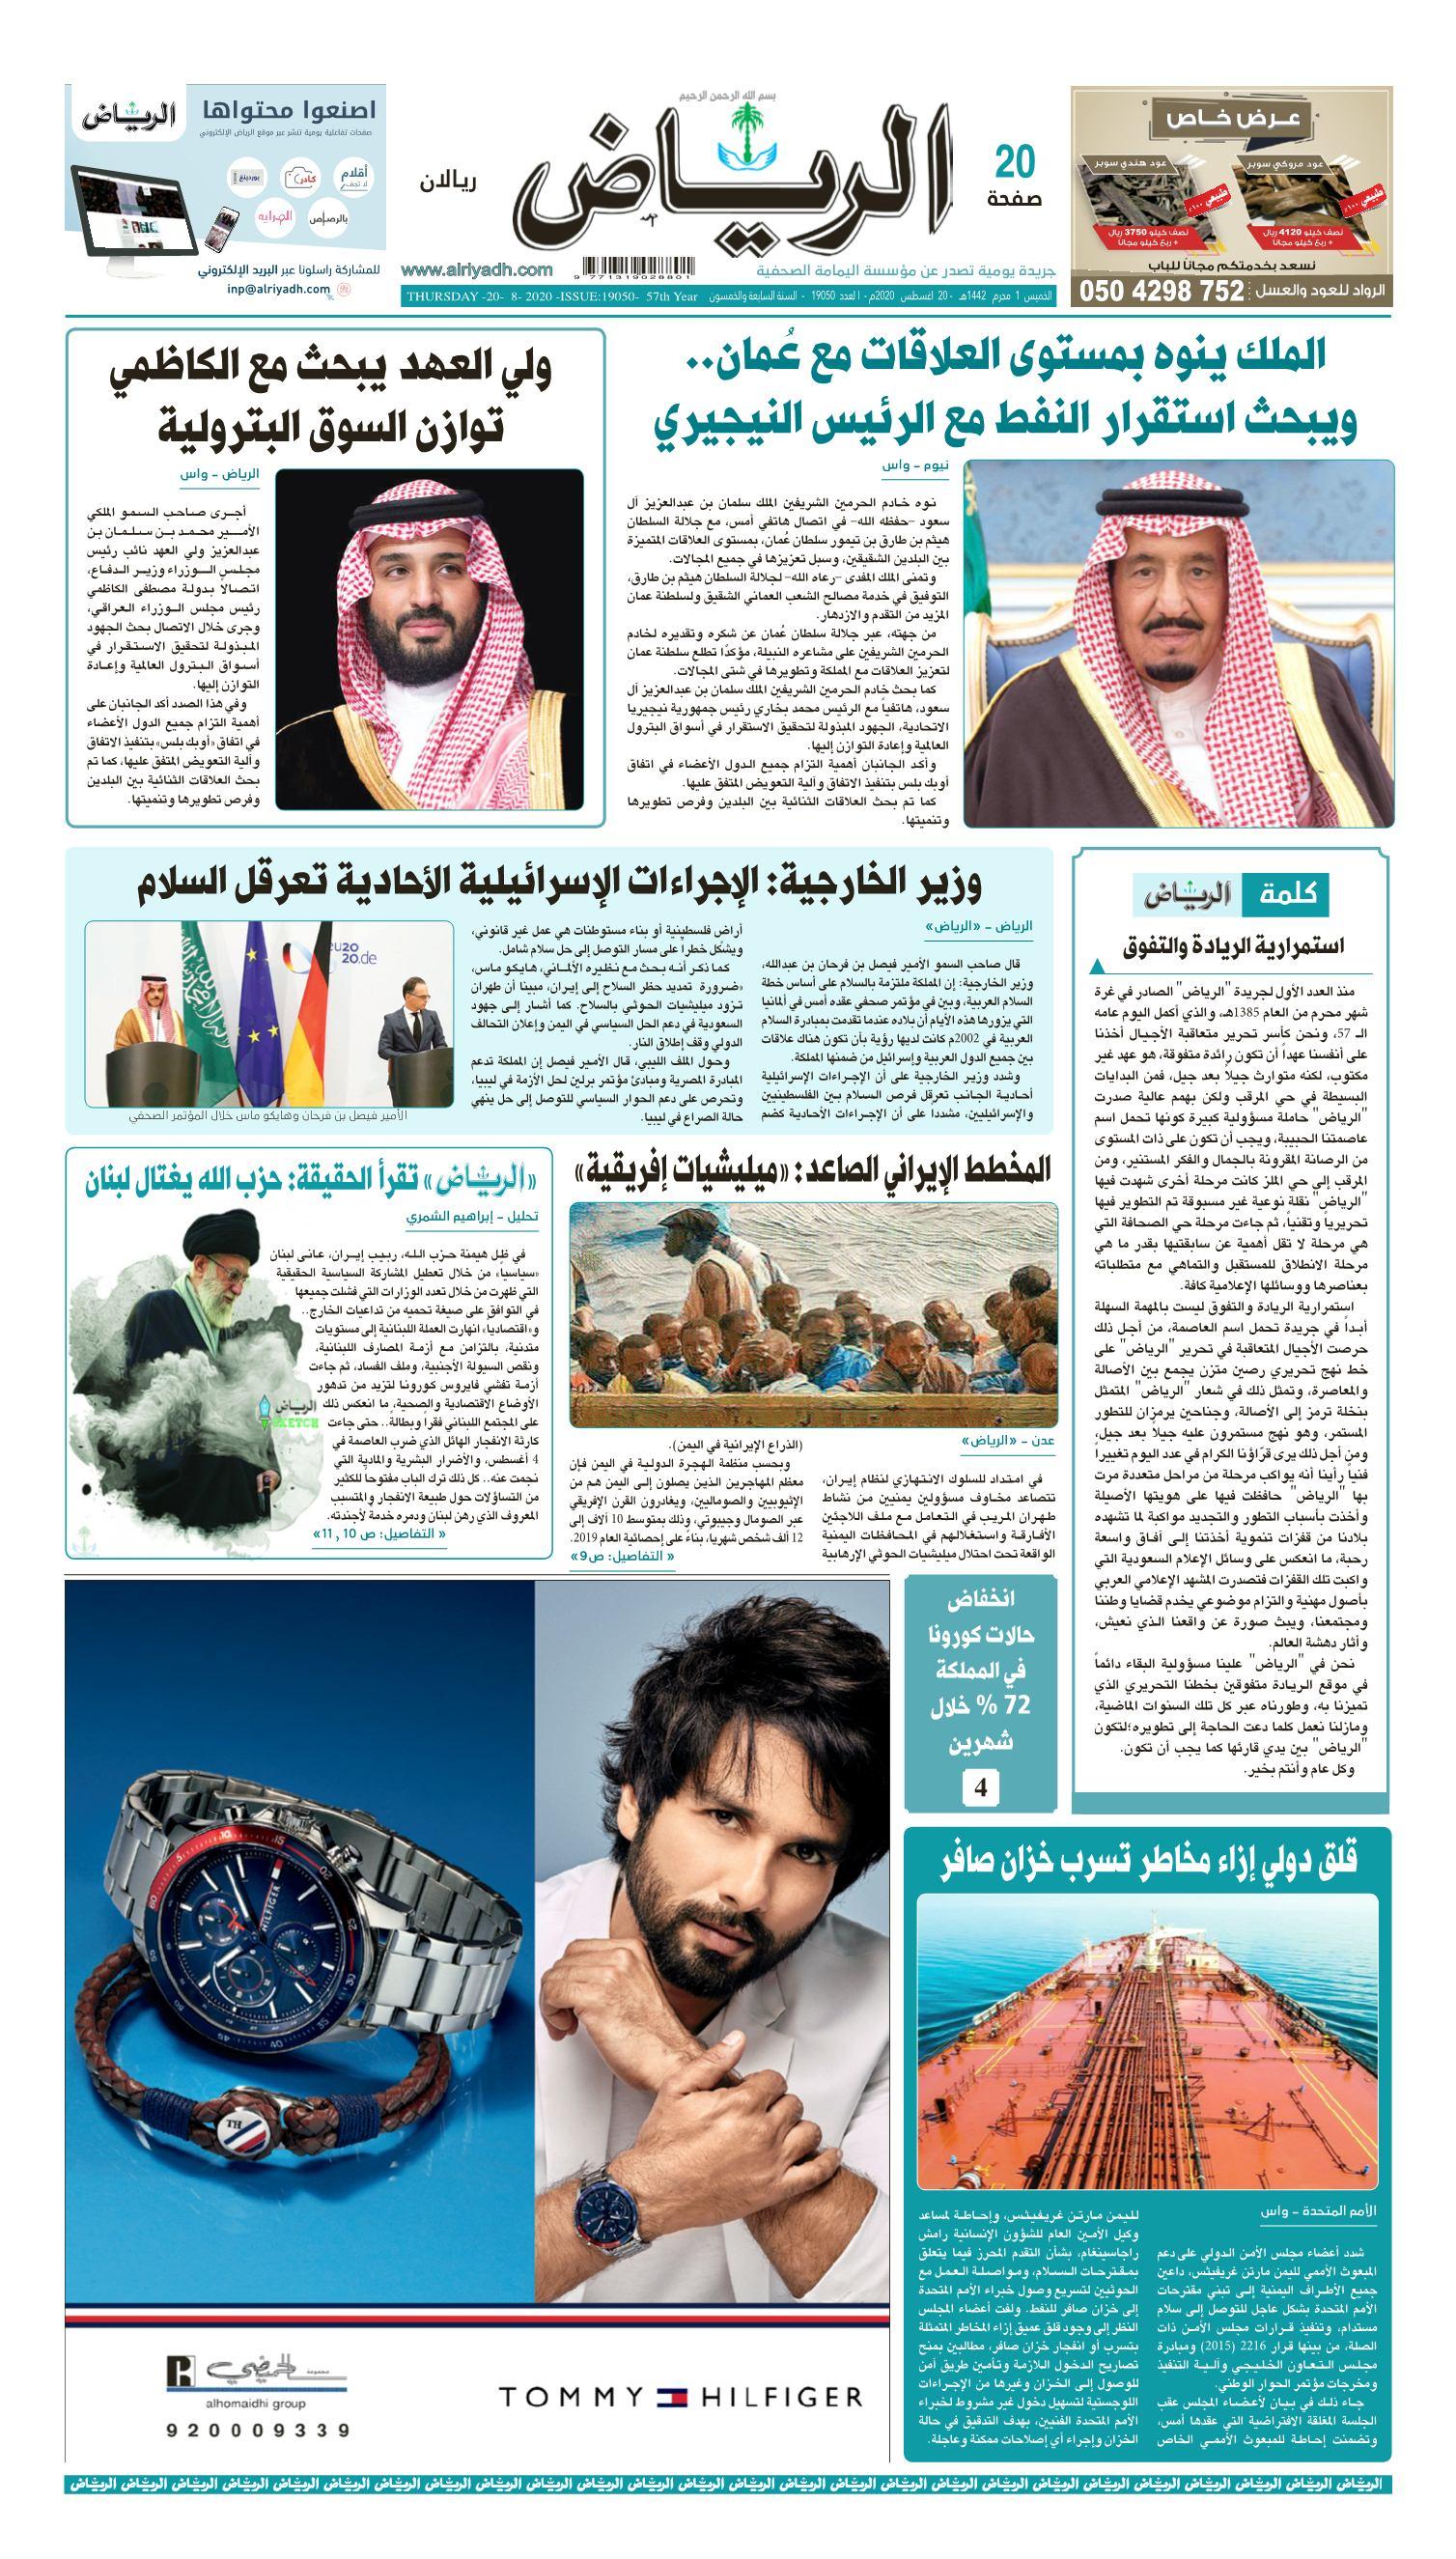 الرياض جريدة سعودية Wikiwand